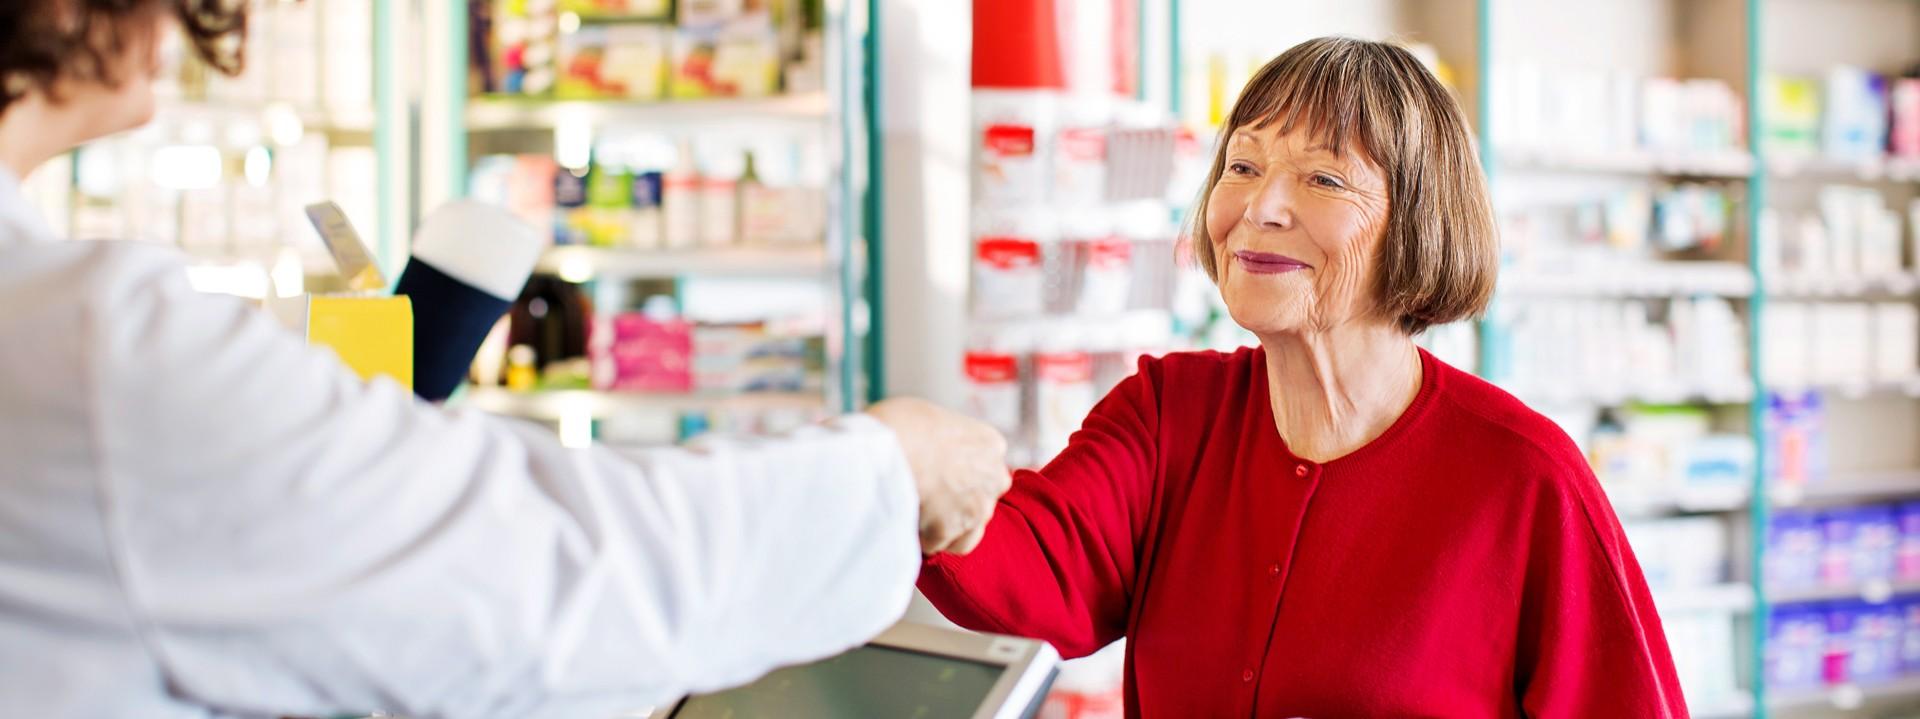 Eine Seniorin in roten Pullover steht in einer Apotheke und lässt sich von einer Apothekerin beraten. Sie lächelt.